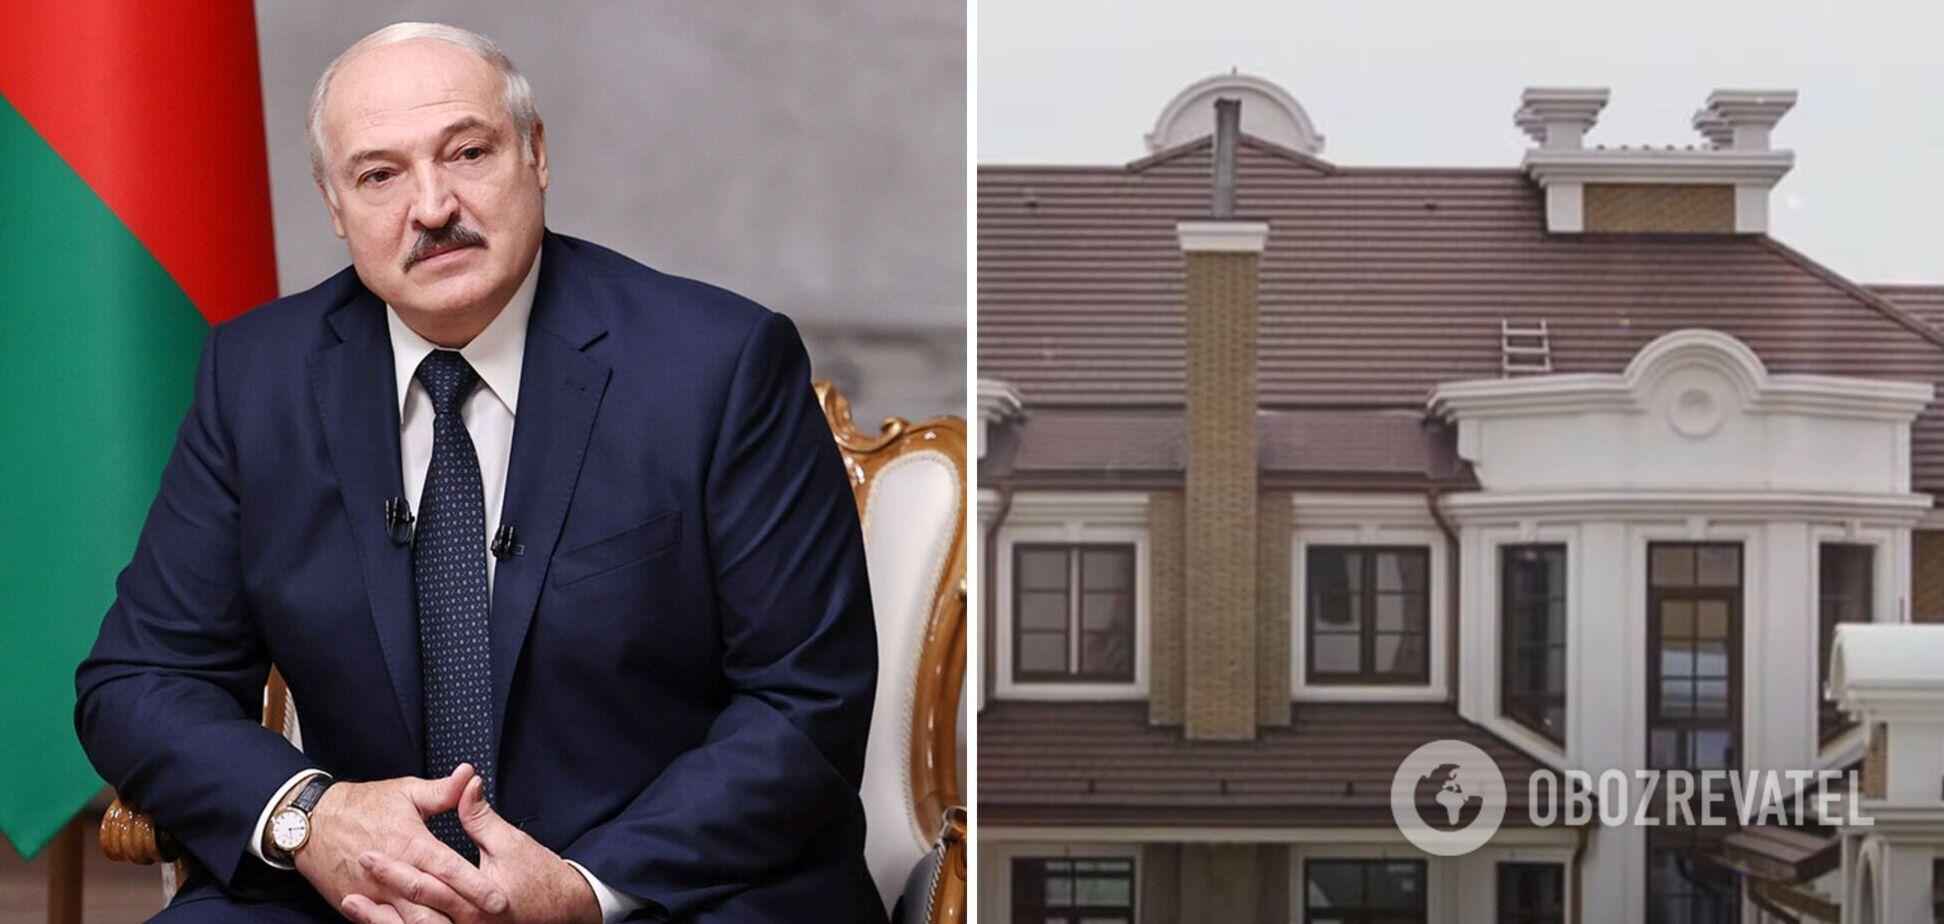 СМИ показали особняки Лукашенко. Фото и видео